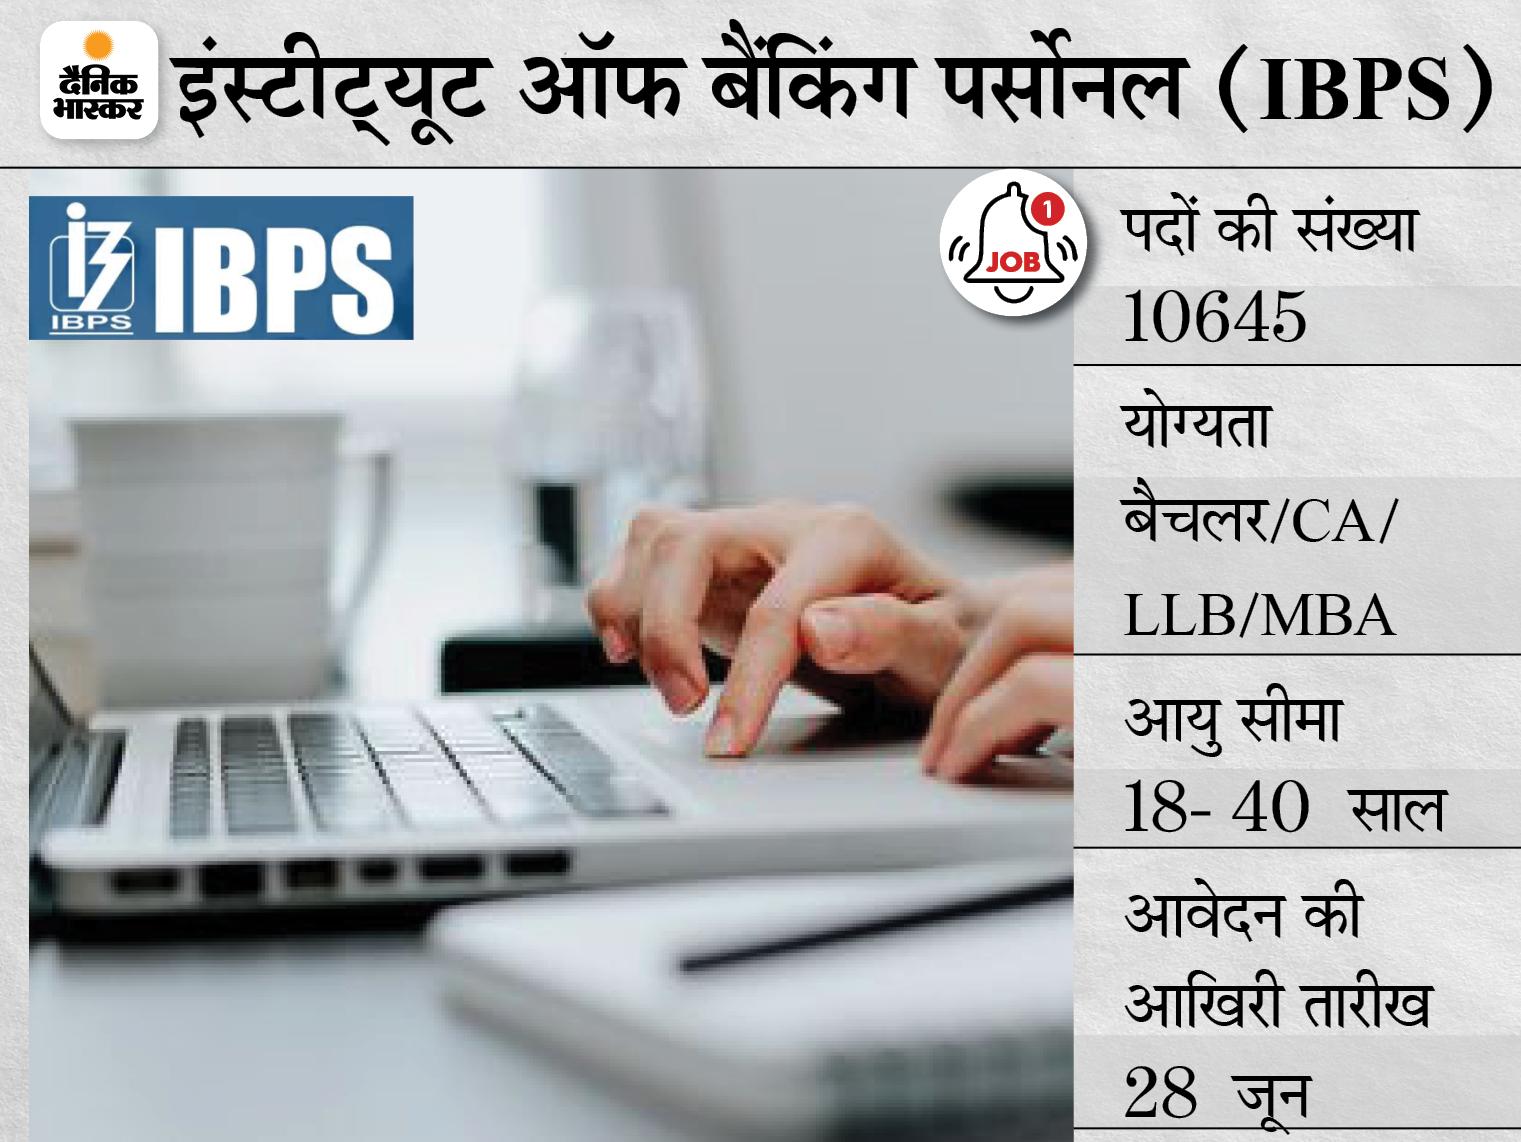 IBPS ने भर्ती के लिए बढ़ाई पदों की संख्या, अब 12,097 पदों पर की जाएगी नियुक्ति; आवेदन की आखिरी तारीख आज|करिअर,Career - Dainik Bhaskar